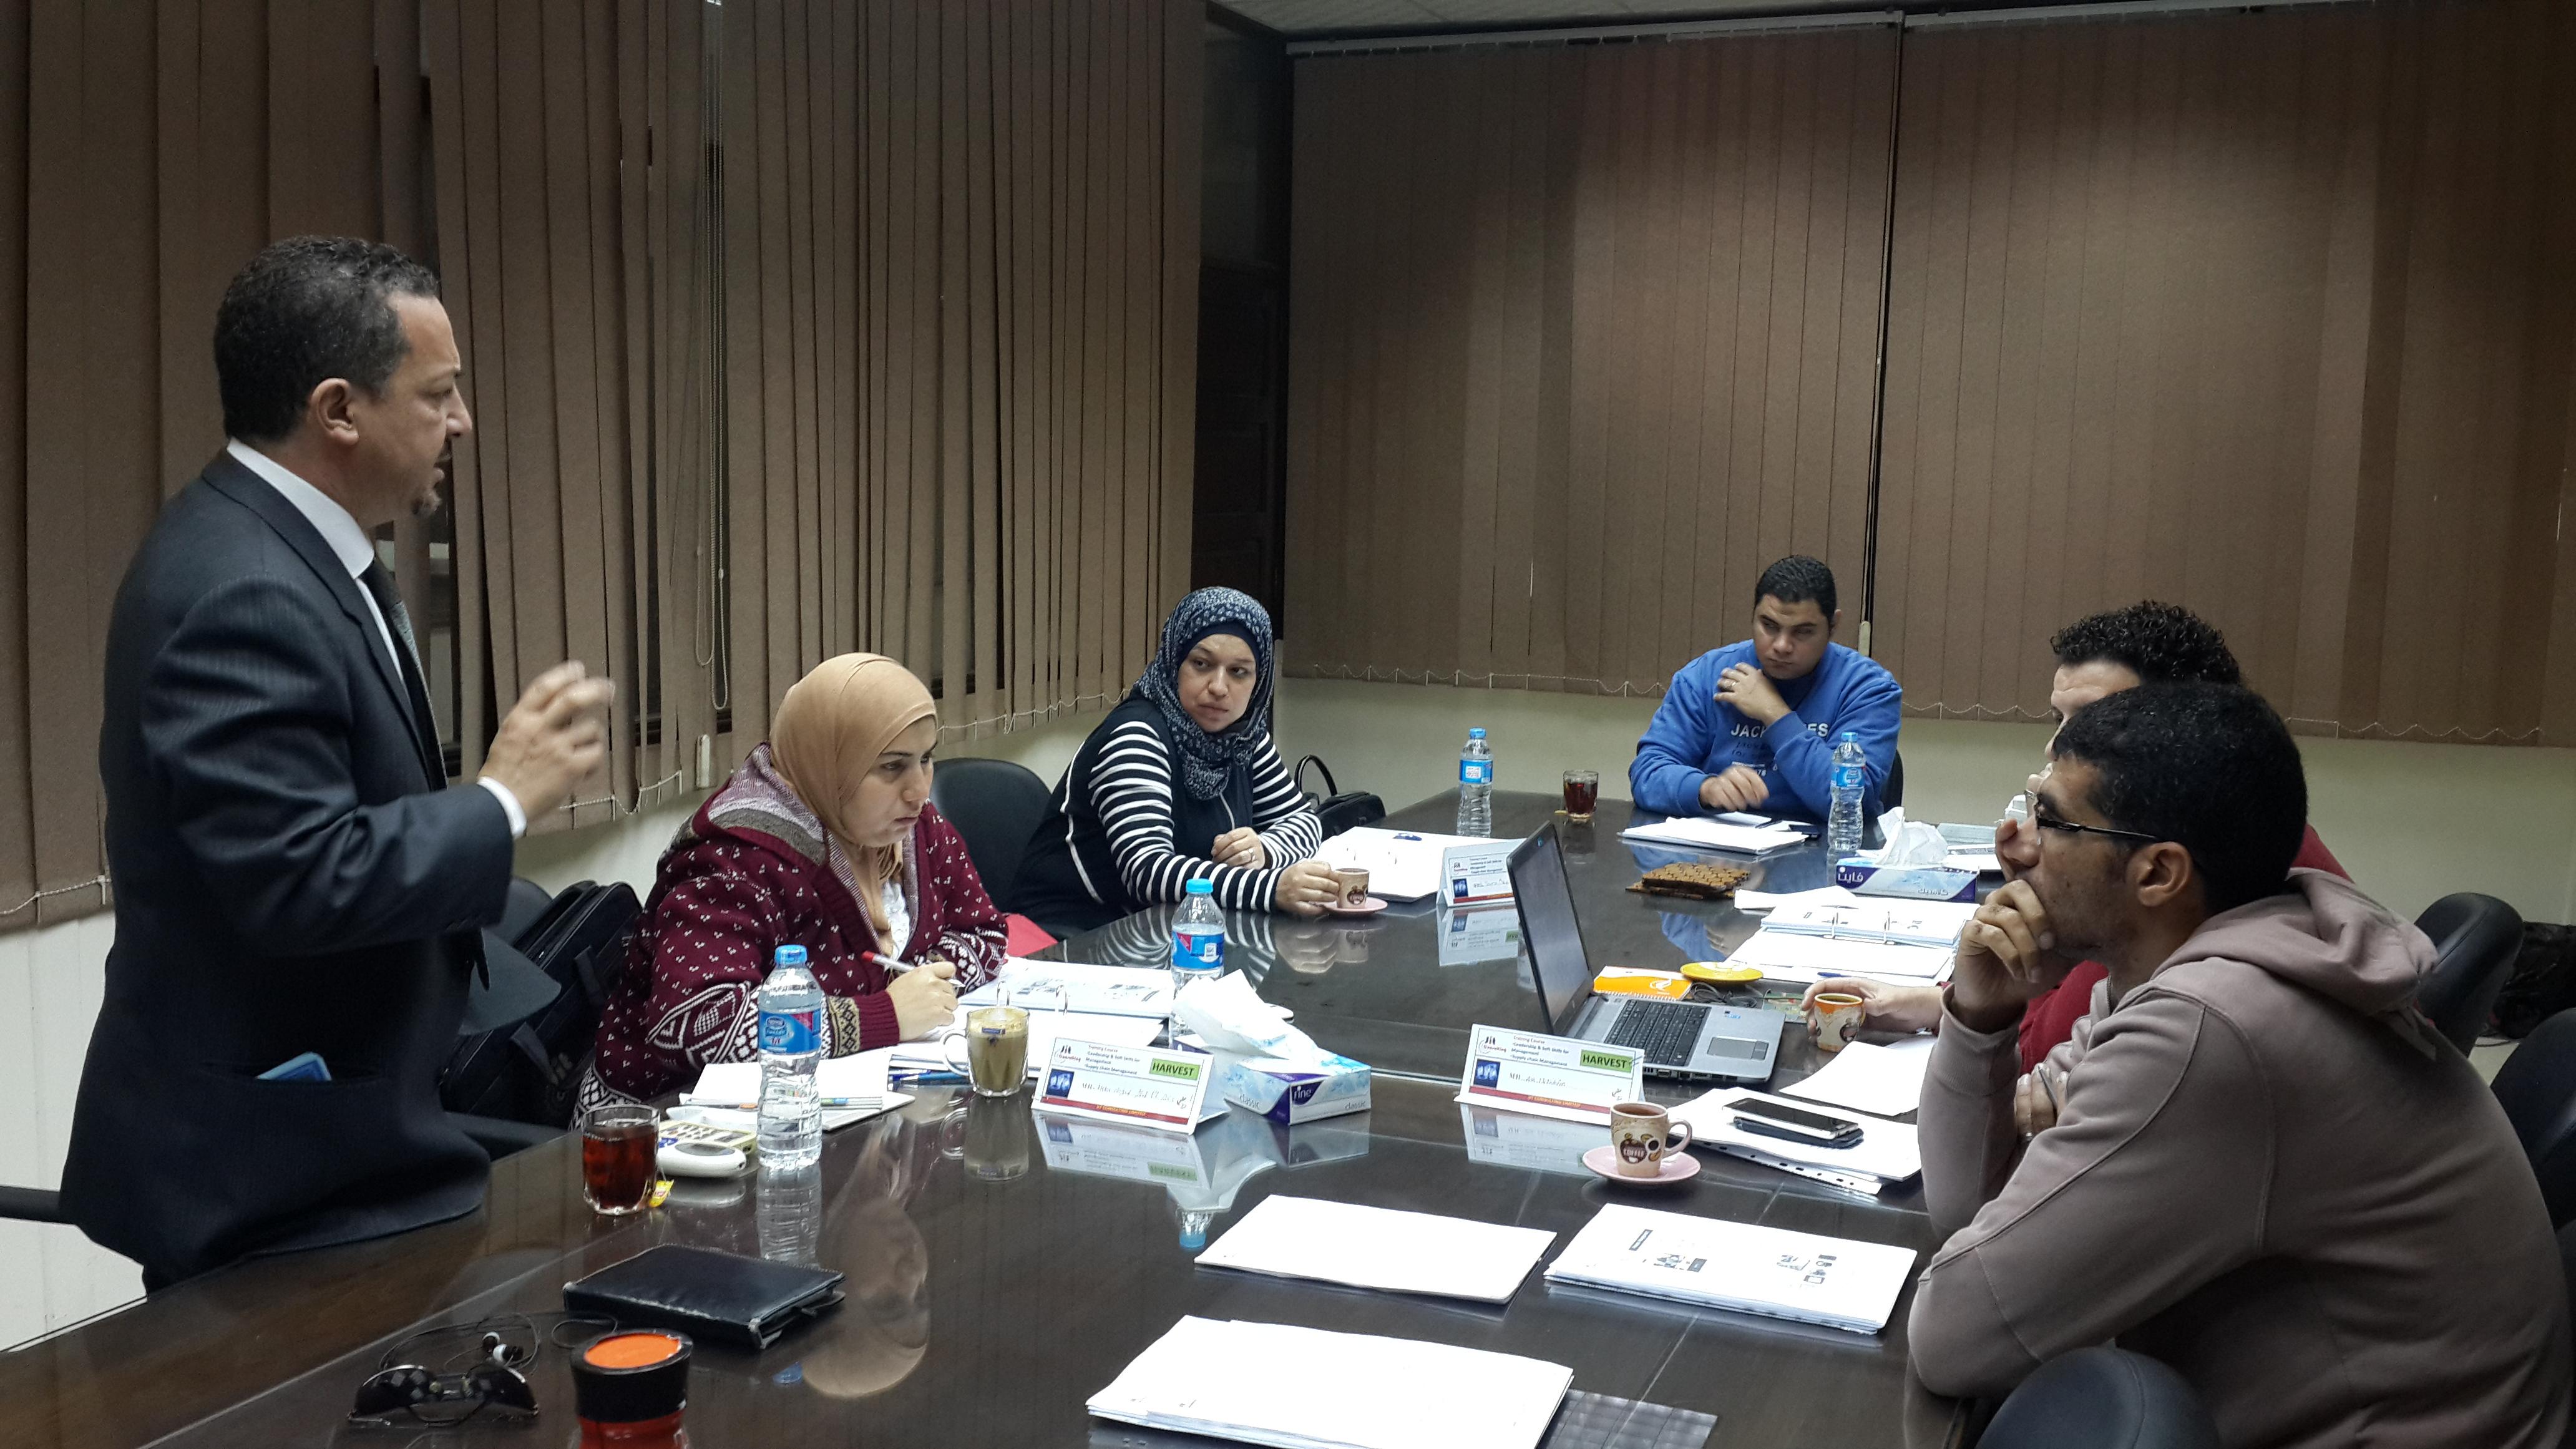 Excellence Center 20160320-003 Egypt.jpg